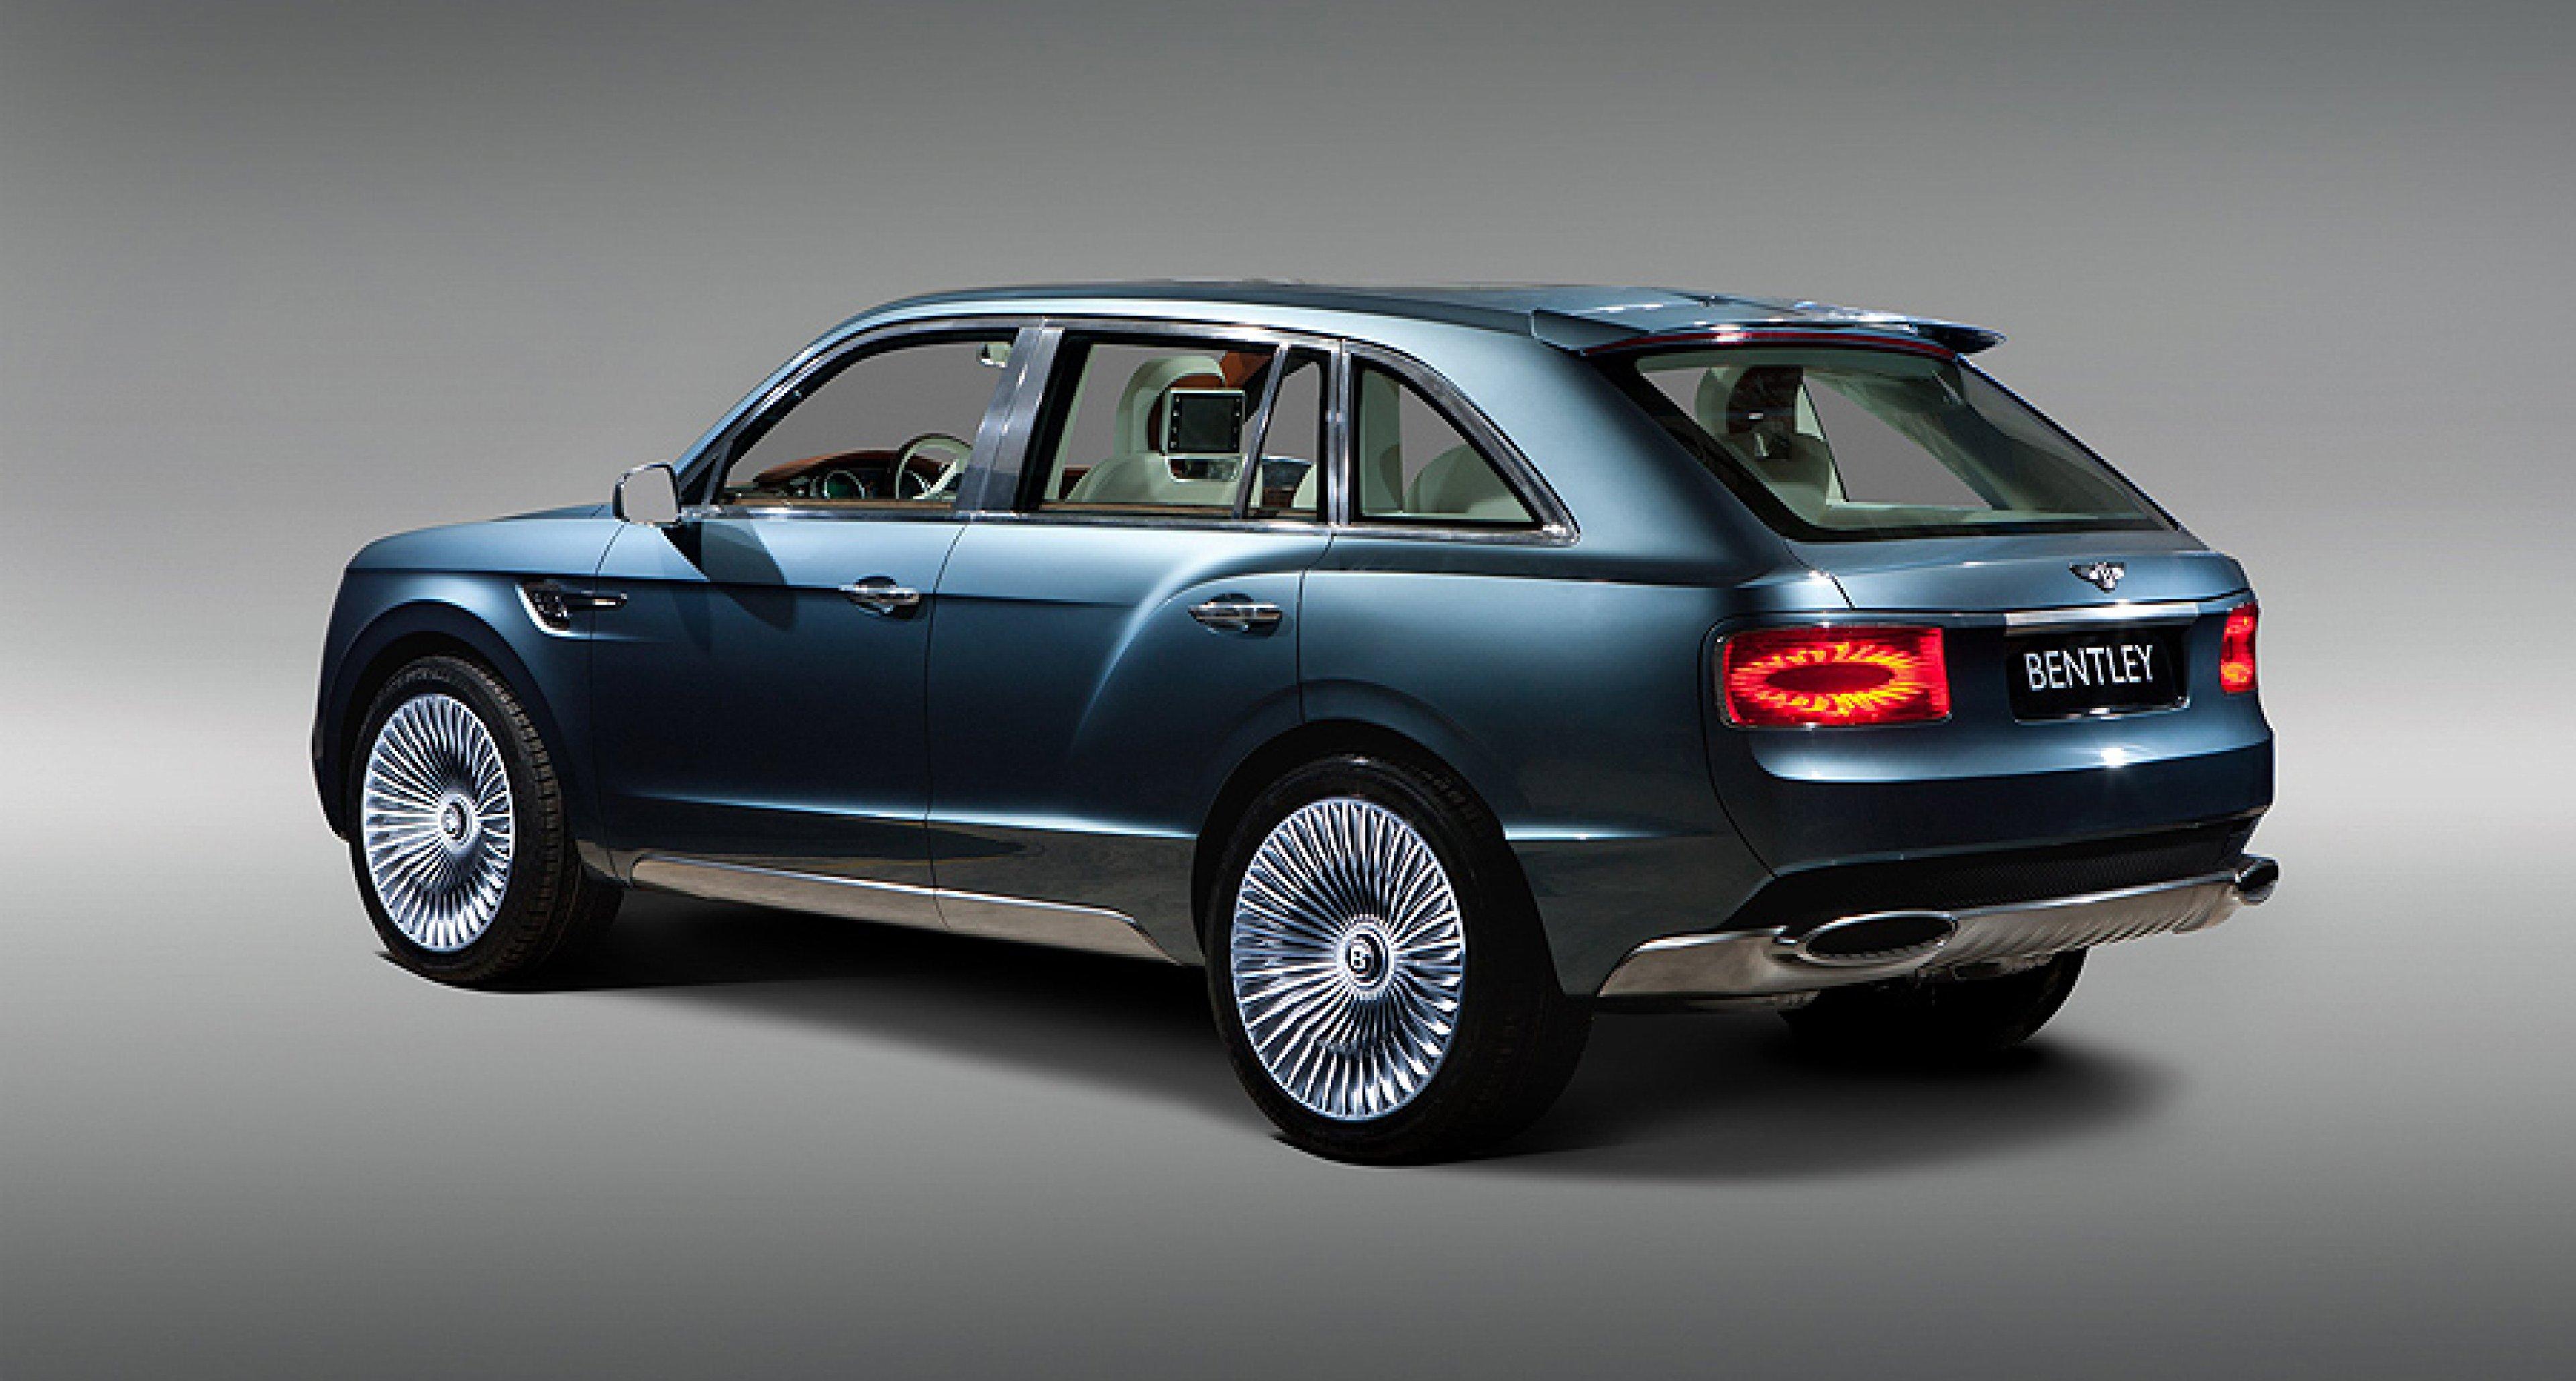 Bentley EXP 9 F kommt mit Motoren von V6-Hybrid bis W12